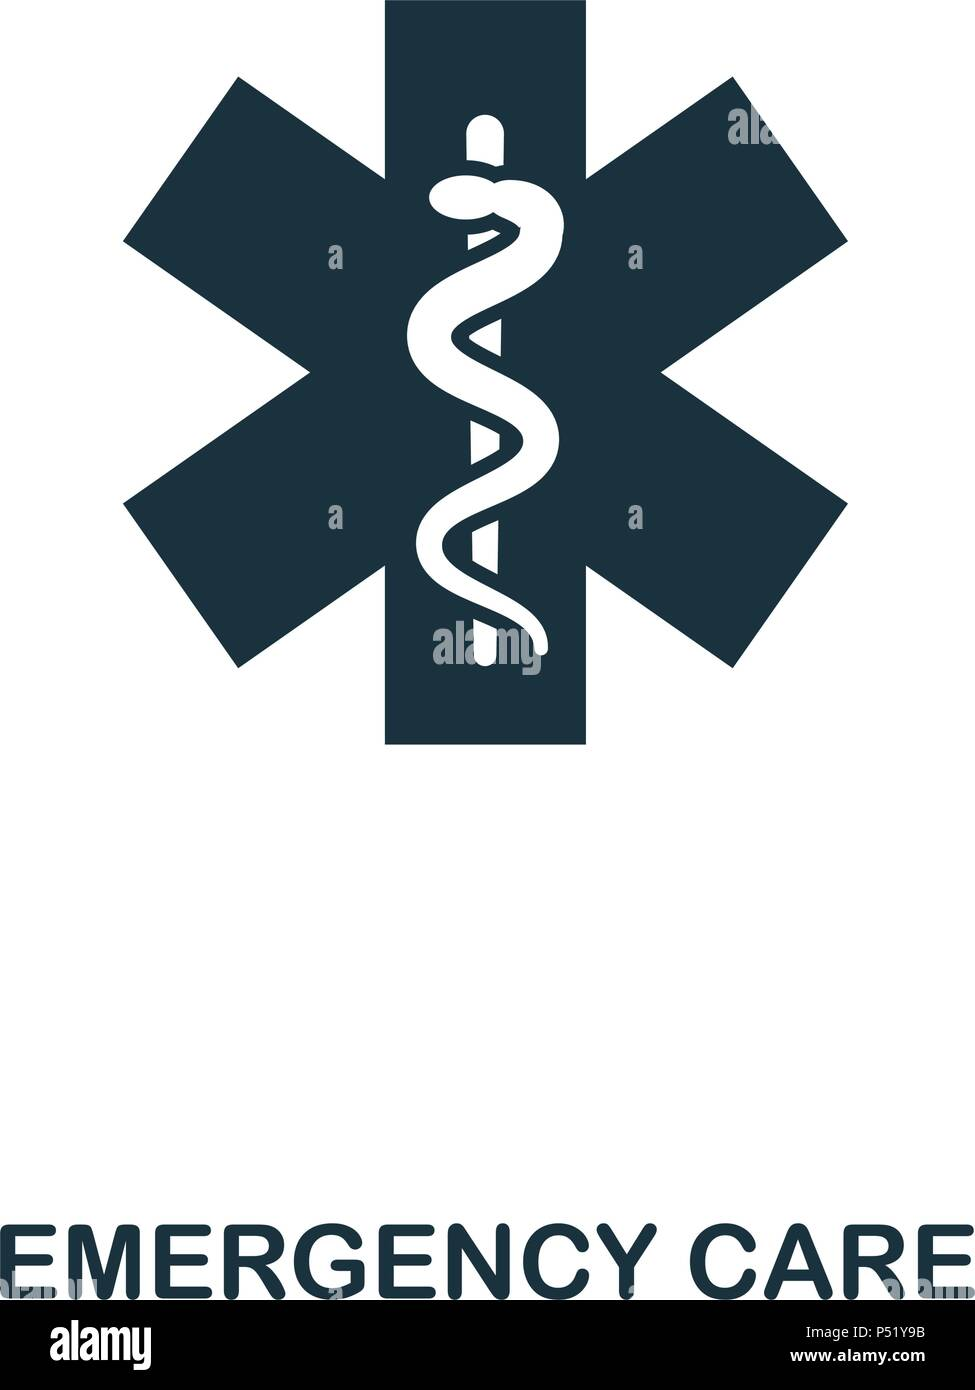 Emergency Care Symbol. Line Style Icon Design. UI. Abbildung: Emergency Care Symbol. Piktogramm isoliert auf Weiss. Fertig in web design, Anwendungen, Software, Druck verwenden. Stockbild